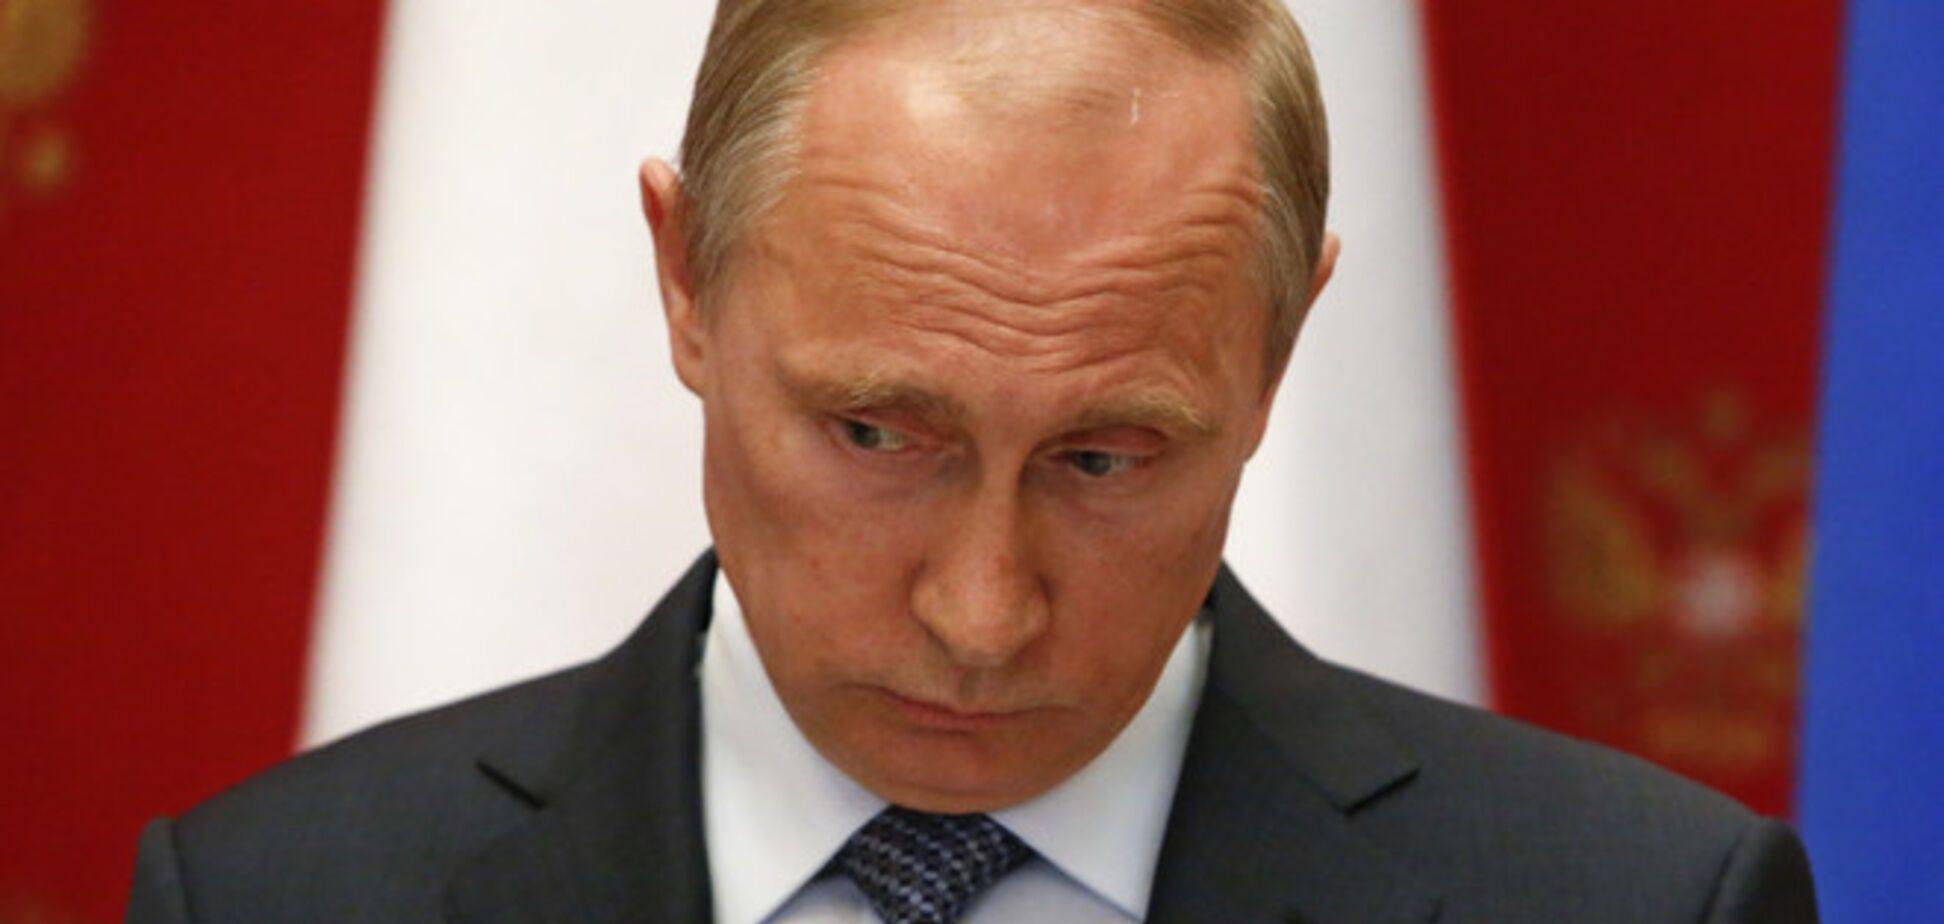 Ілларіонов: Путін підпалював сірники, поливав бензином, підкладав порох, але Україна 'не загорілася'